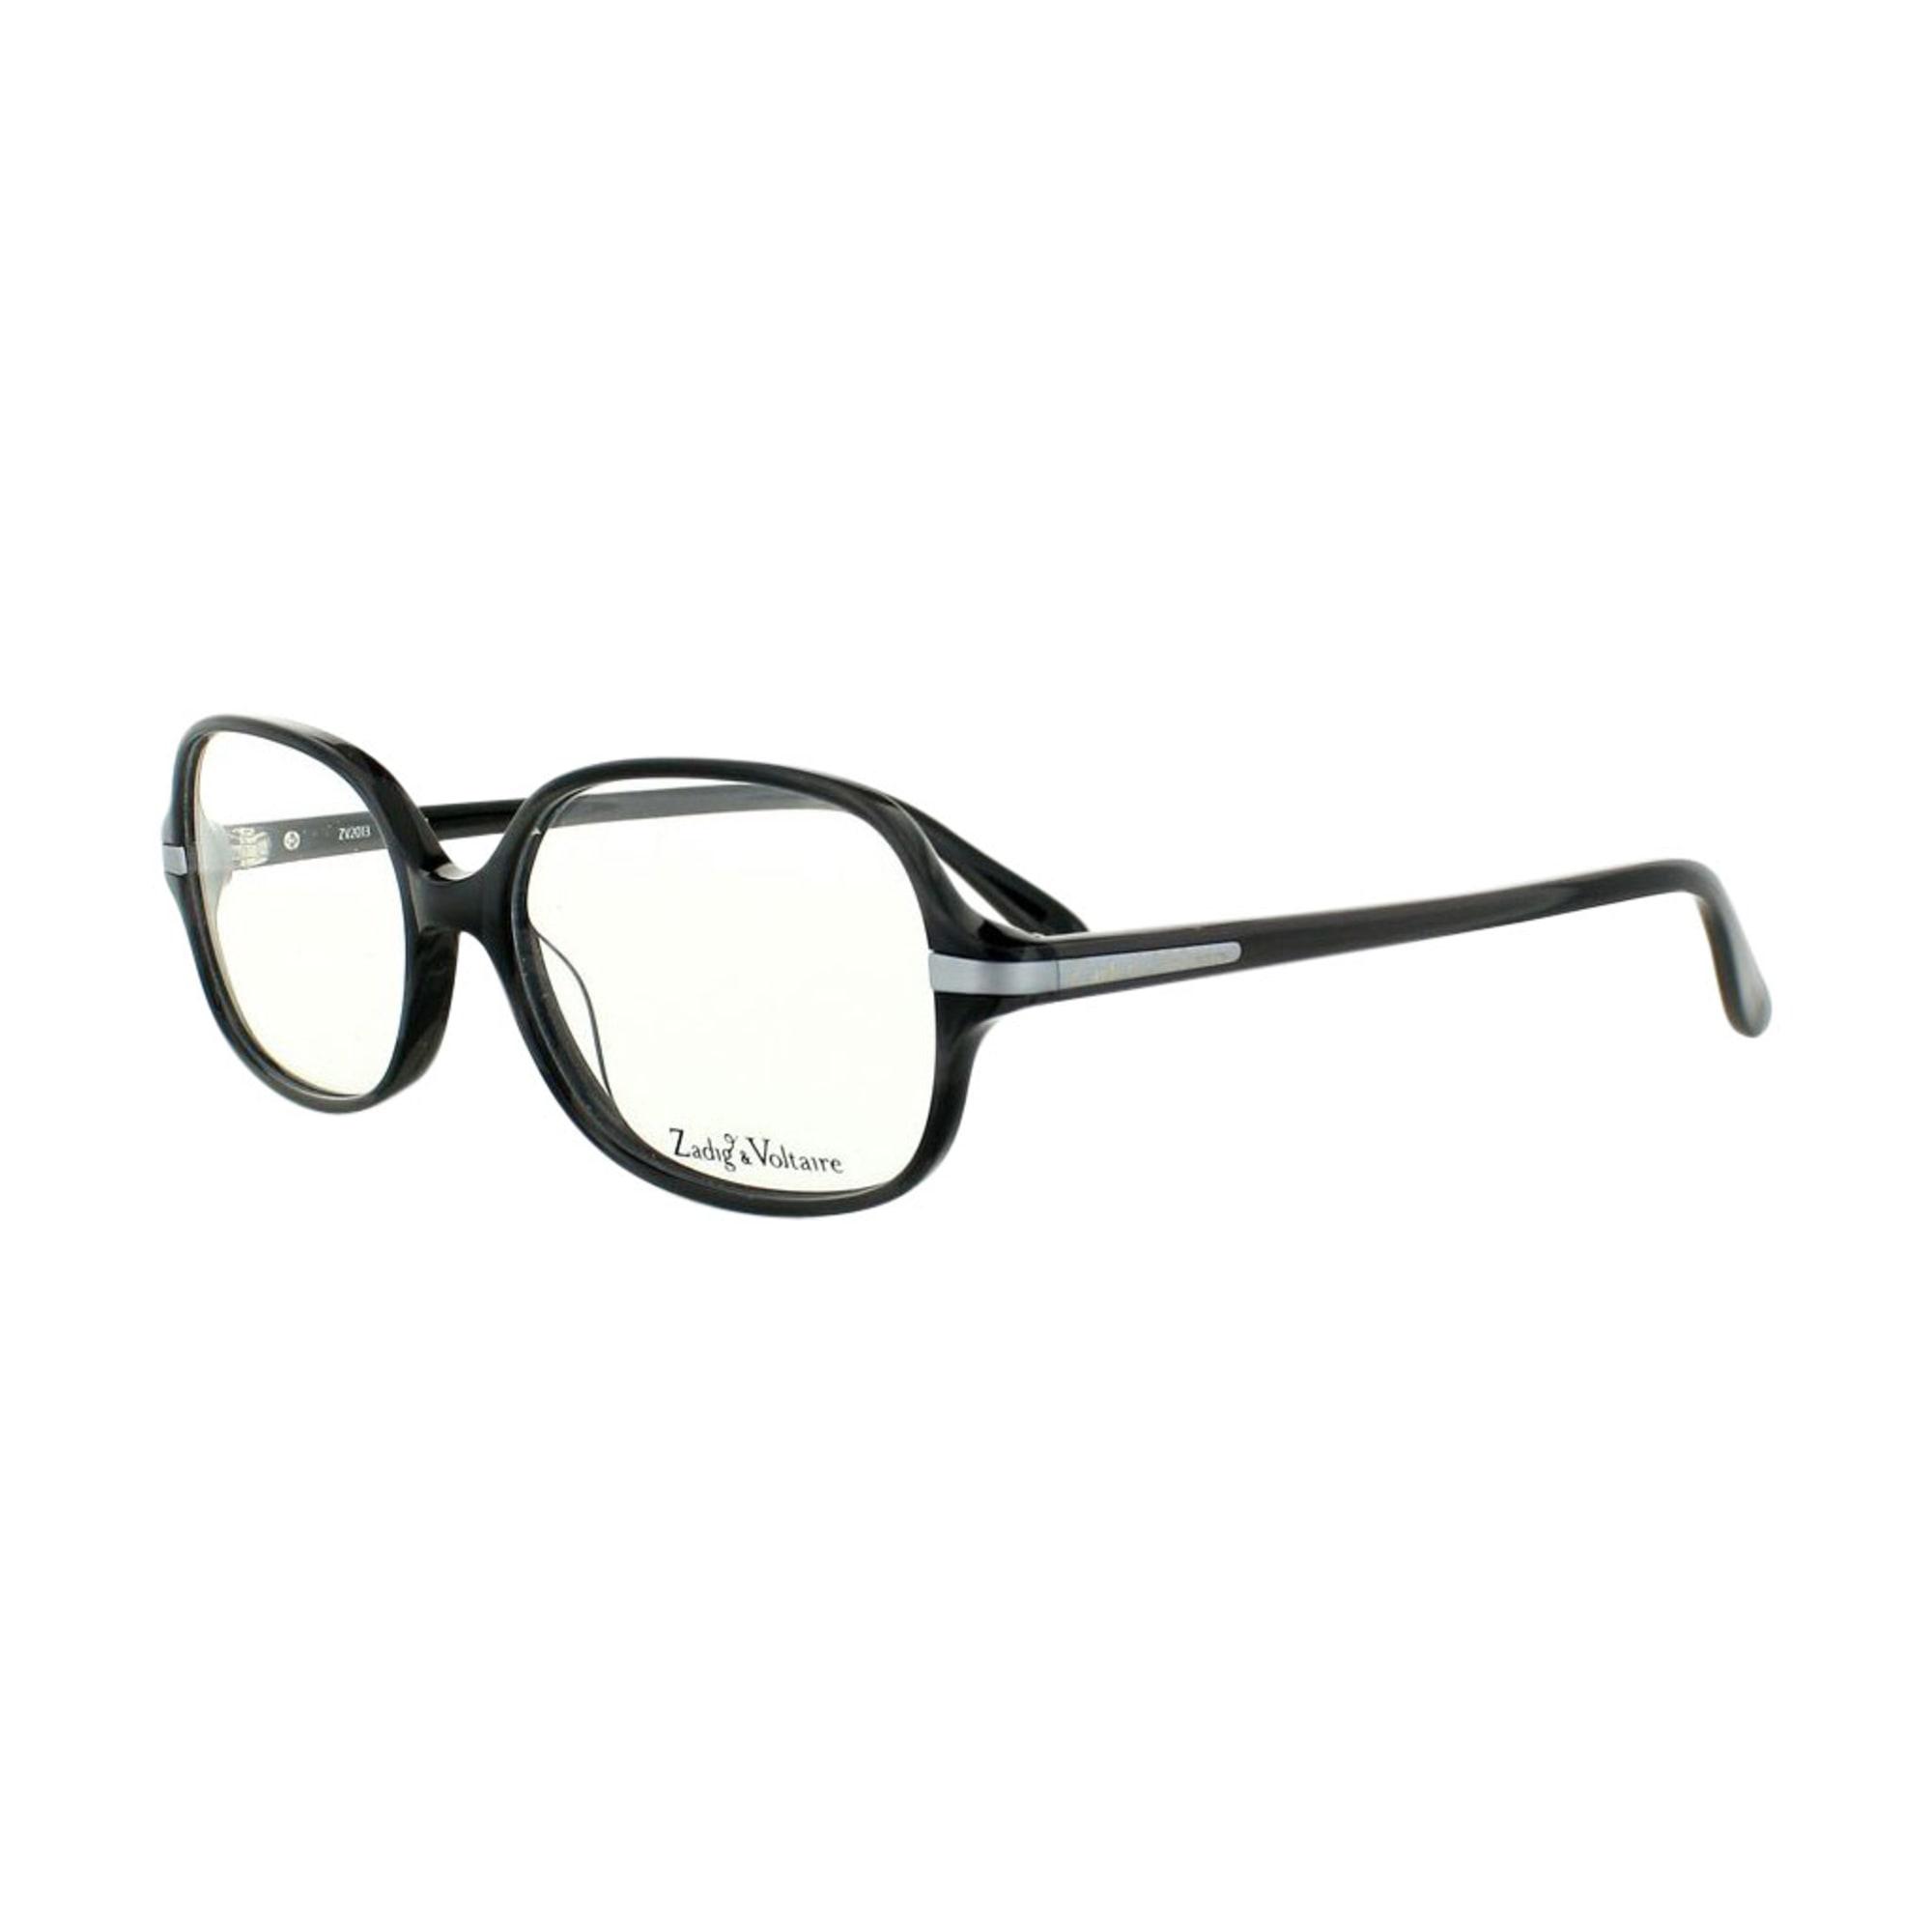 Monture de lunettes ZADIG   VOLTAIRE gris vendu par La boutique du ... dc997a7bdc36